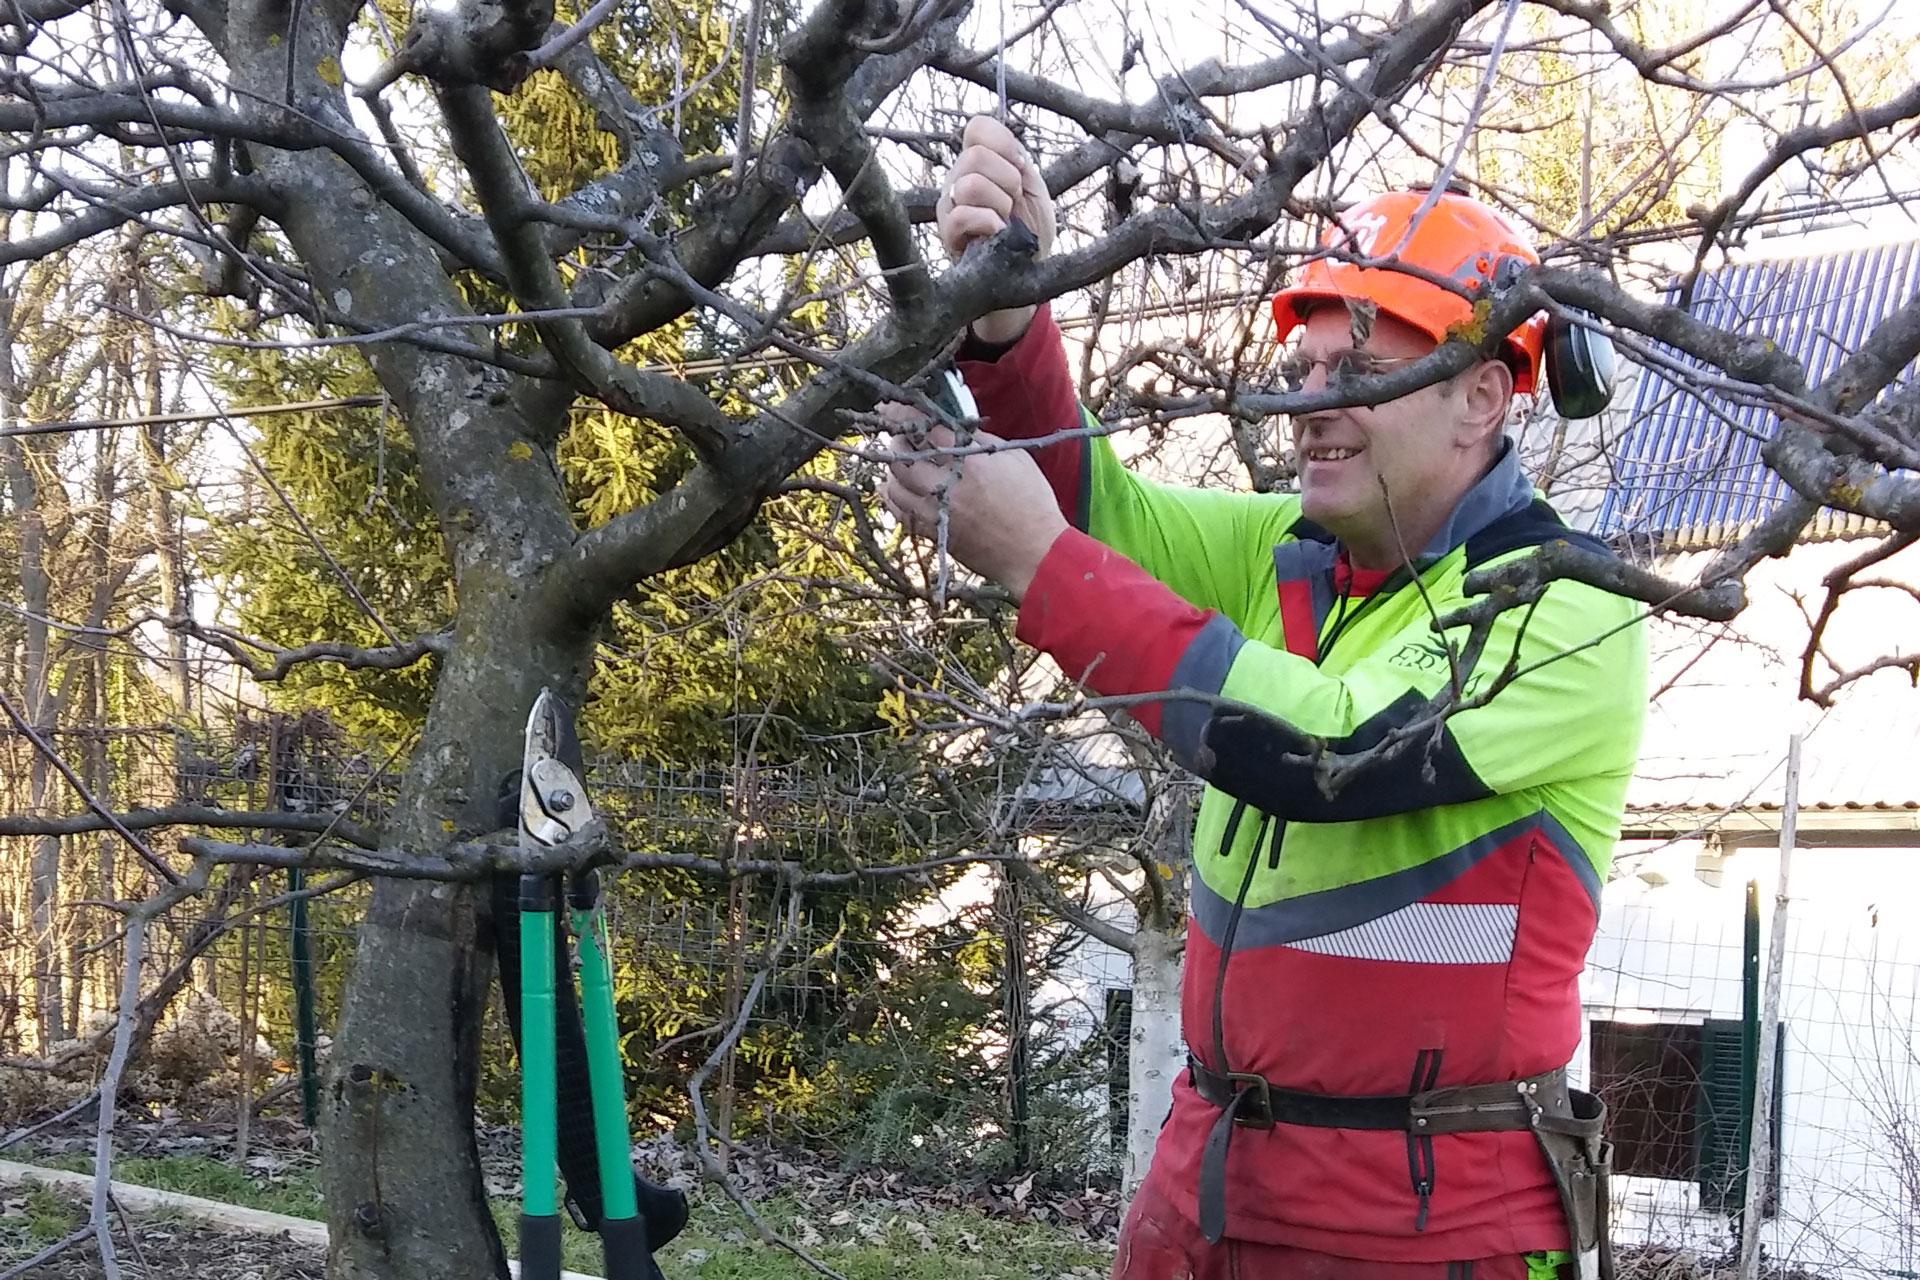 Obrezovanje sadnih dreves in rezanje mladega sadnega drevja